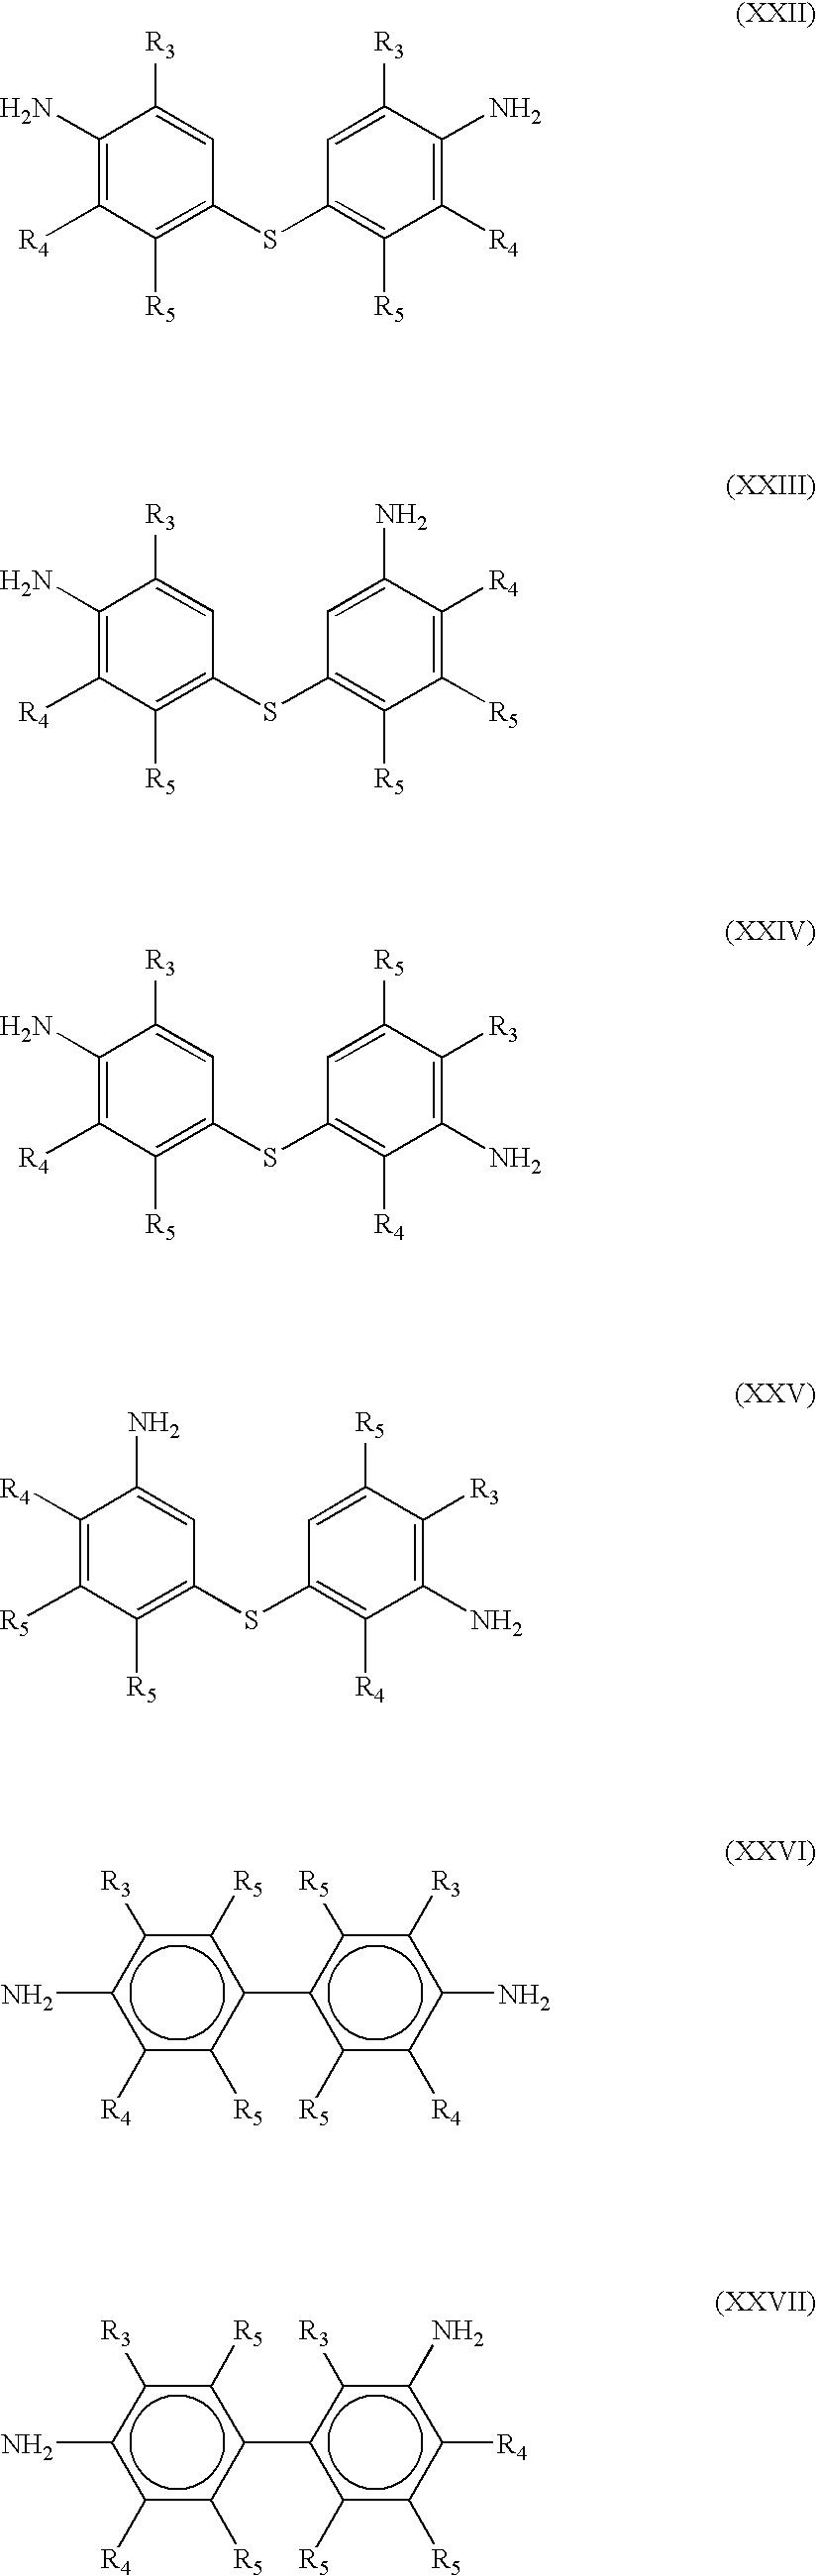 Figure US20040138401A1-20040715-C00026